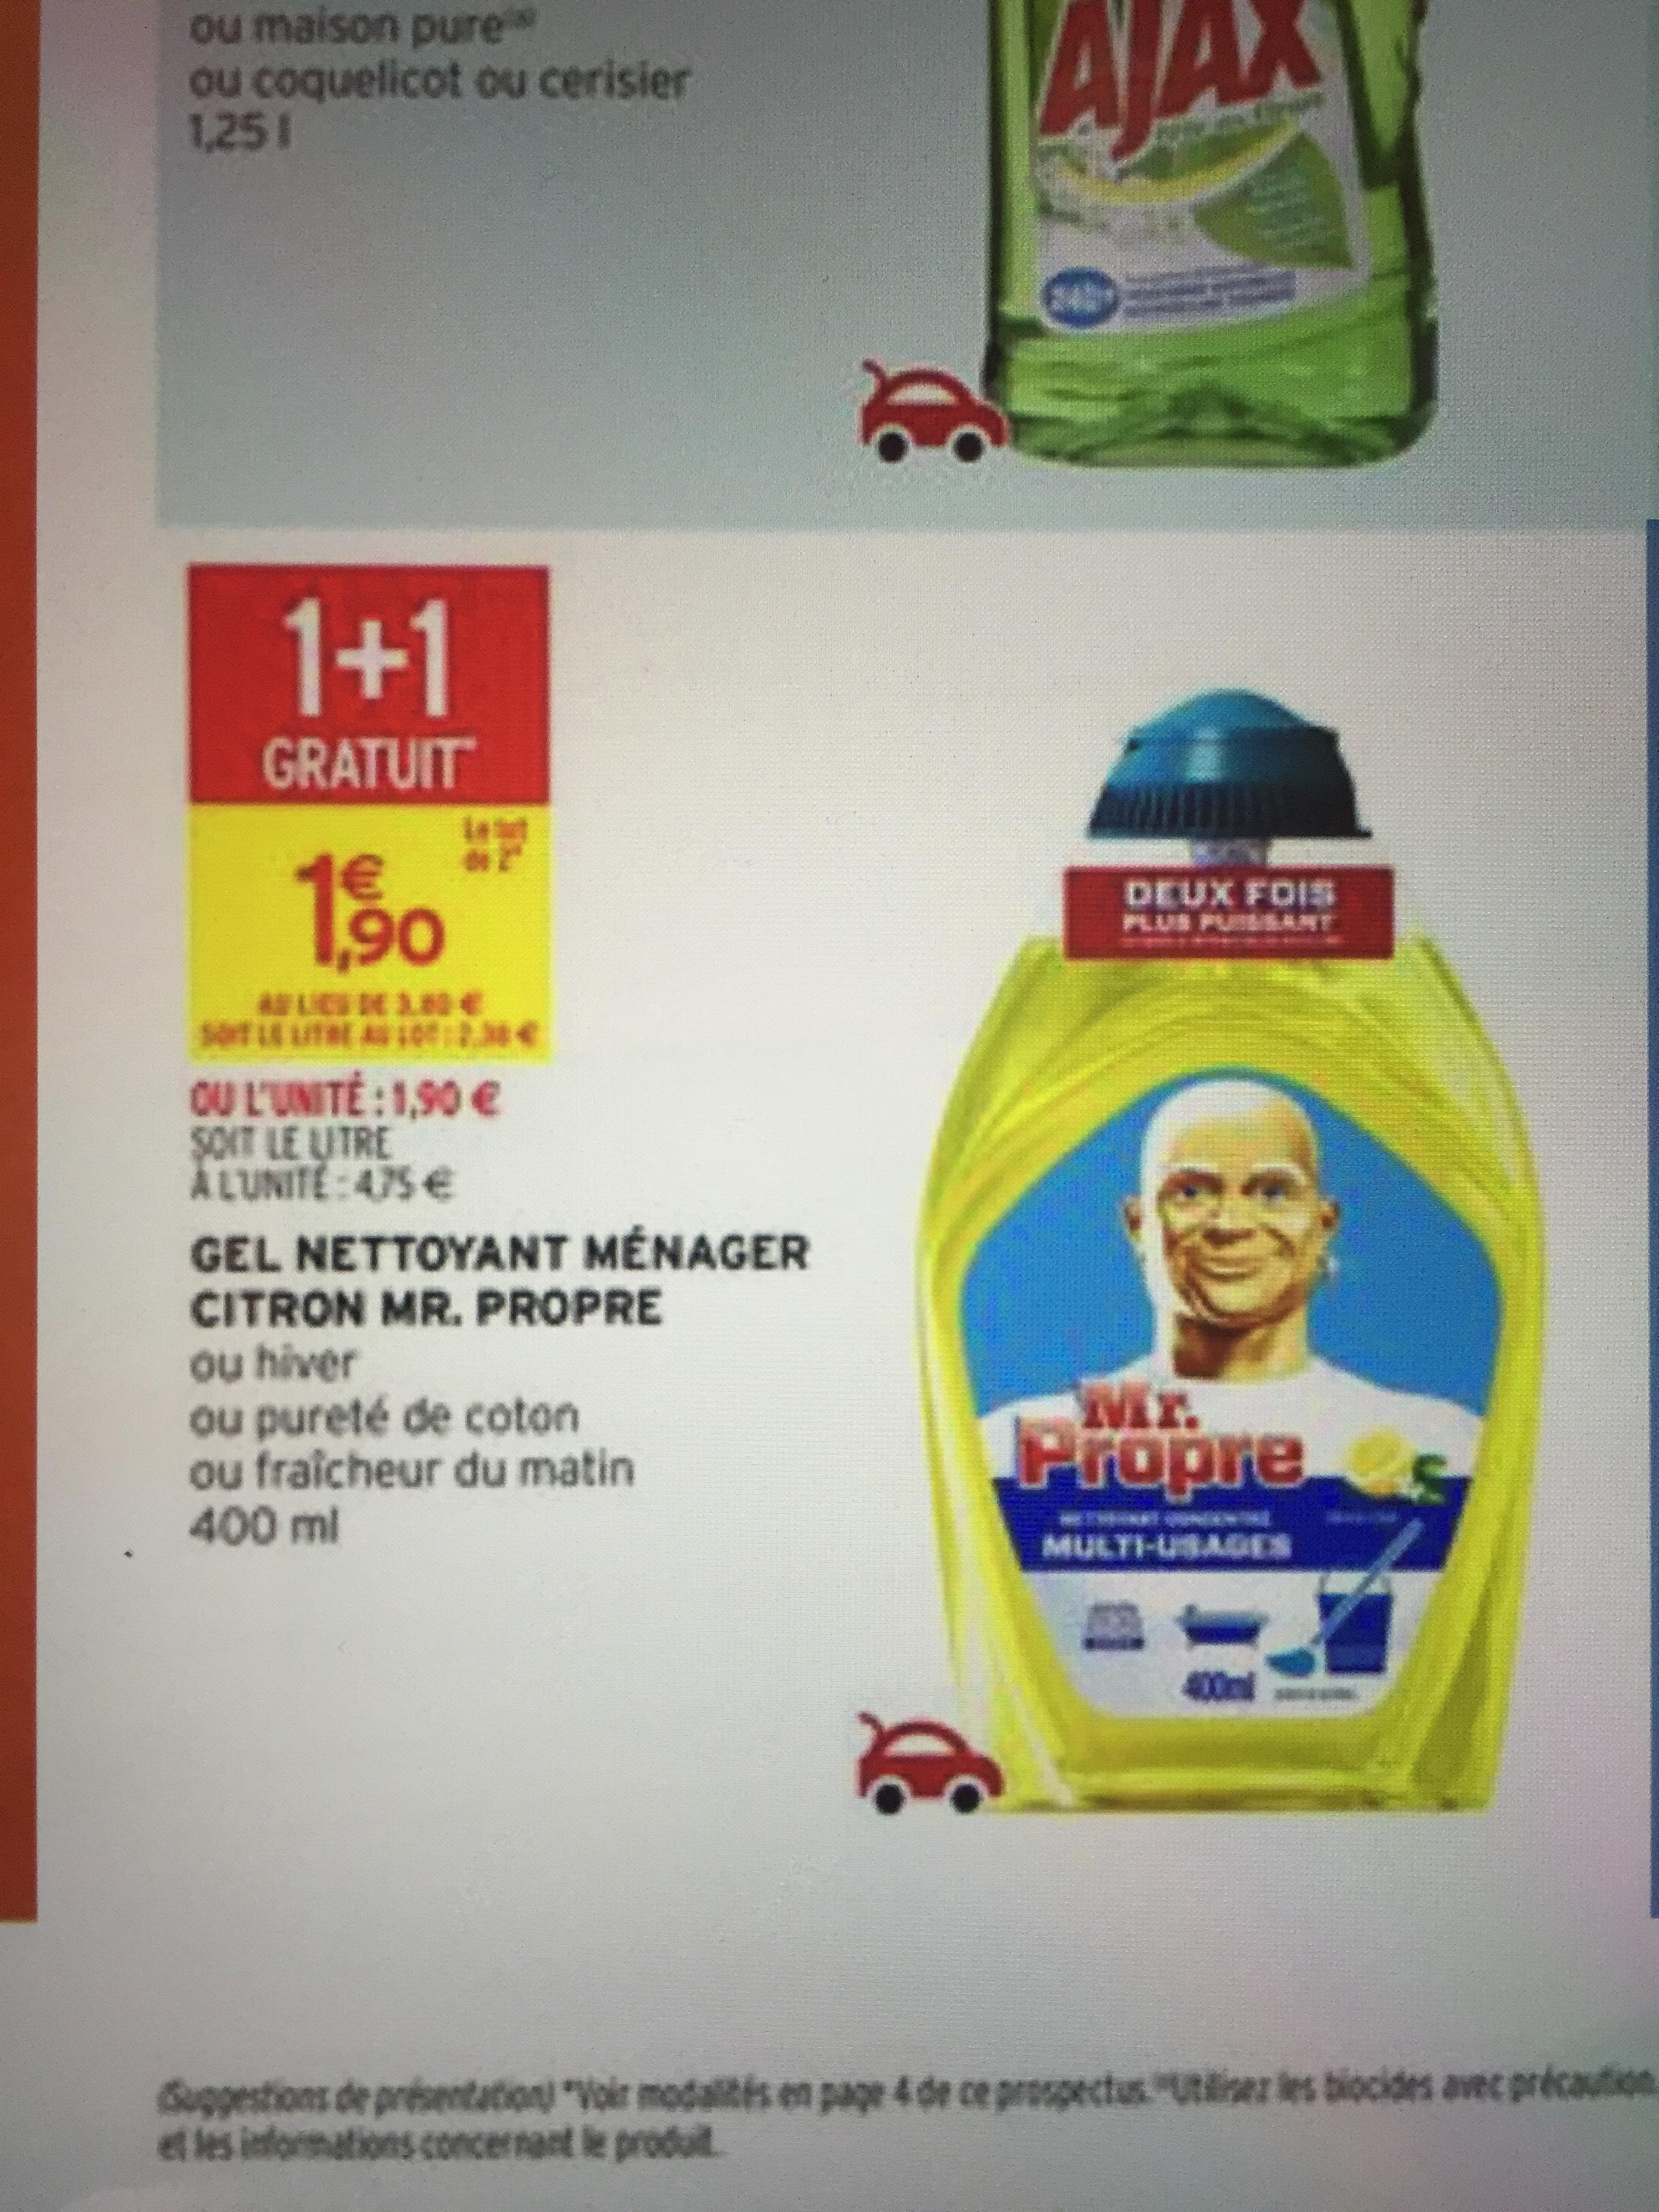 Lot de 2 gel nettoyant ménager Mr Propre via bdr